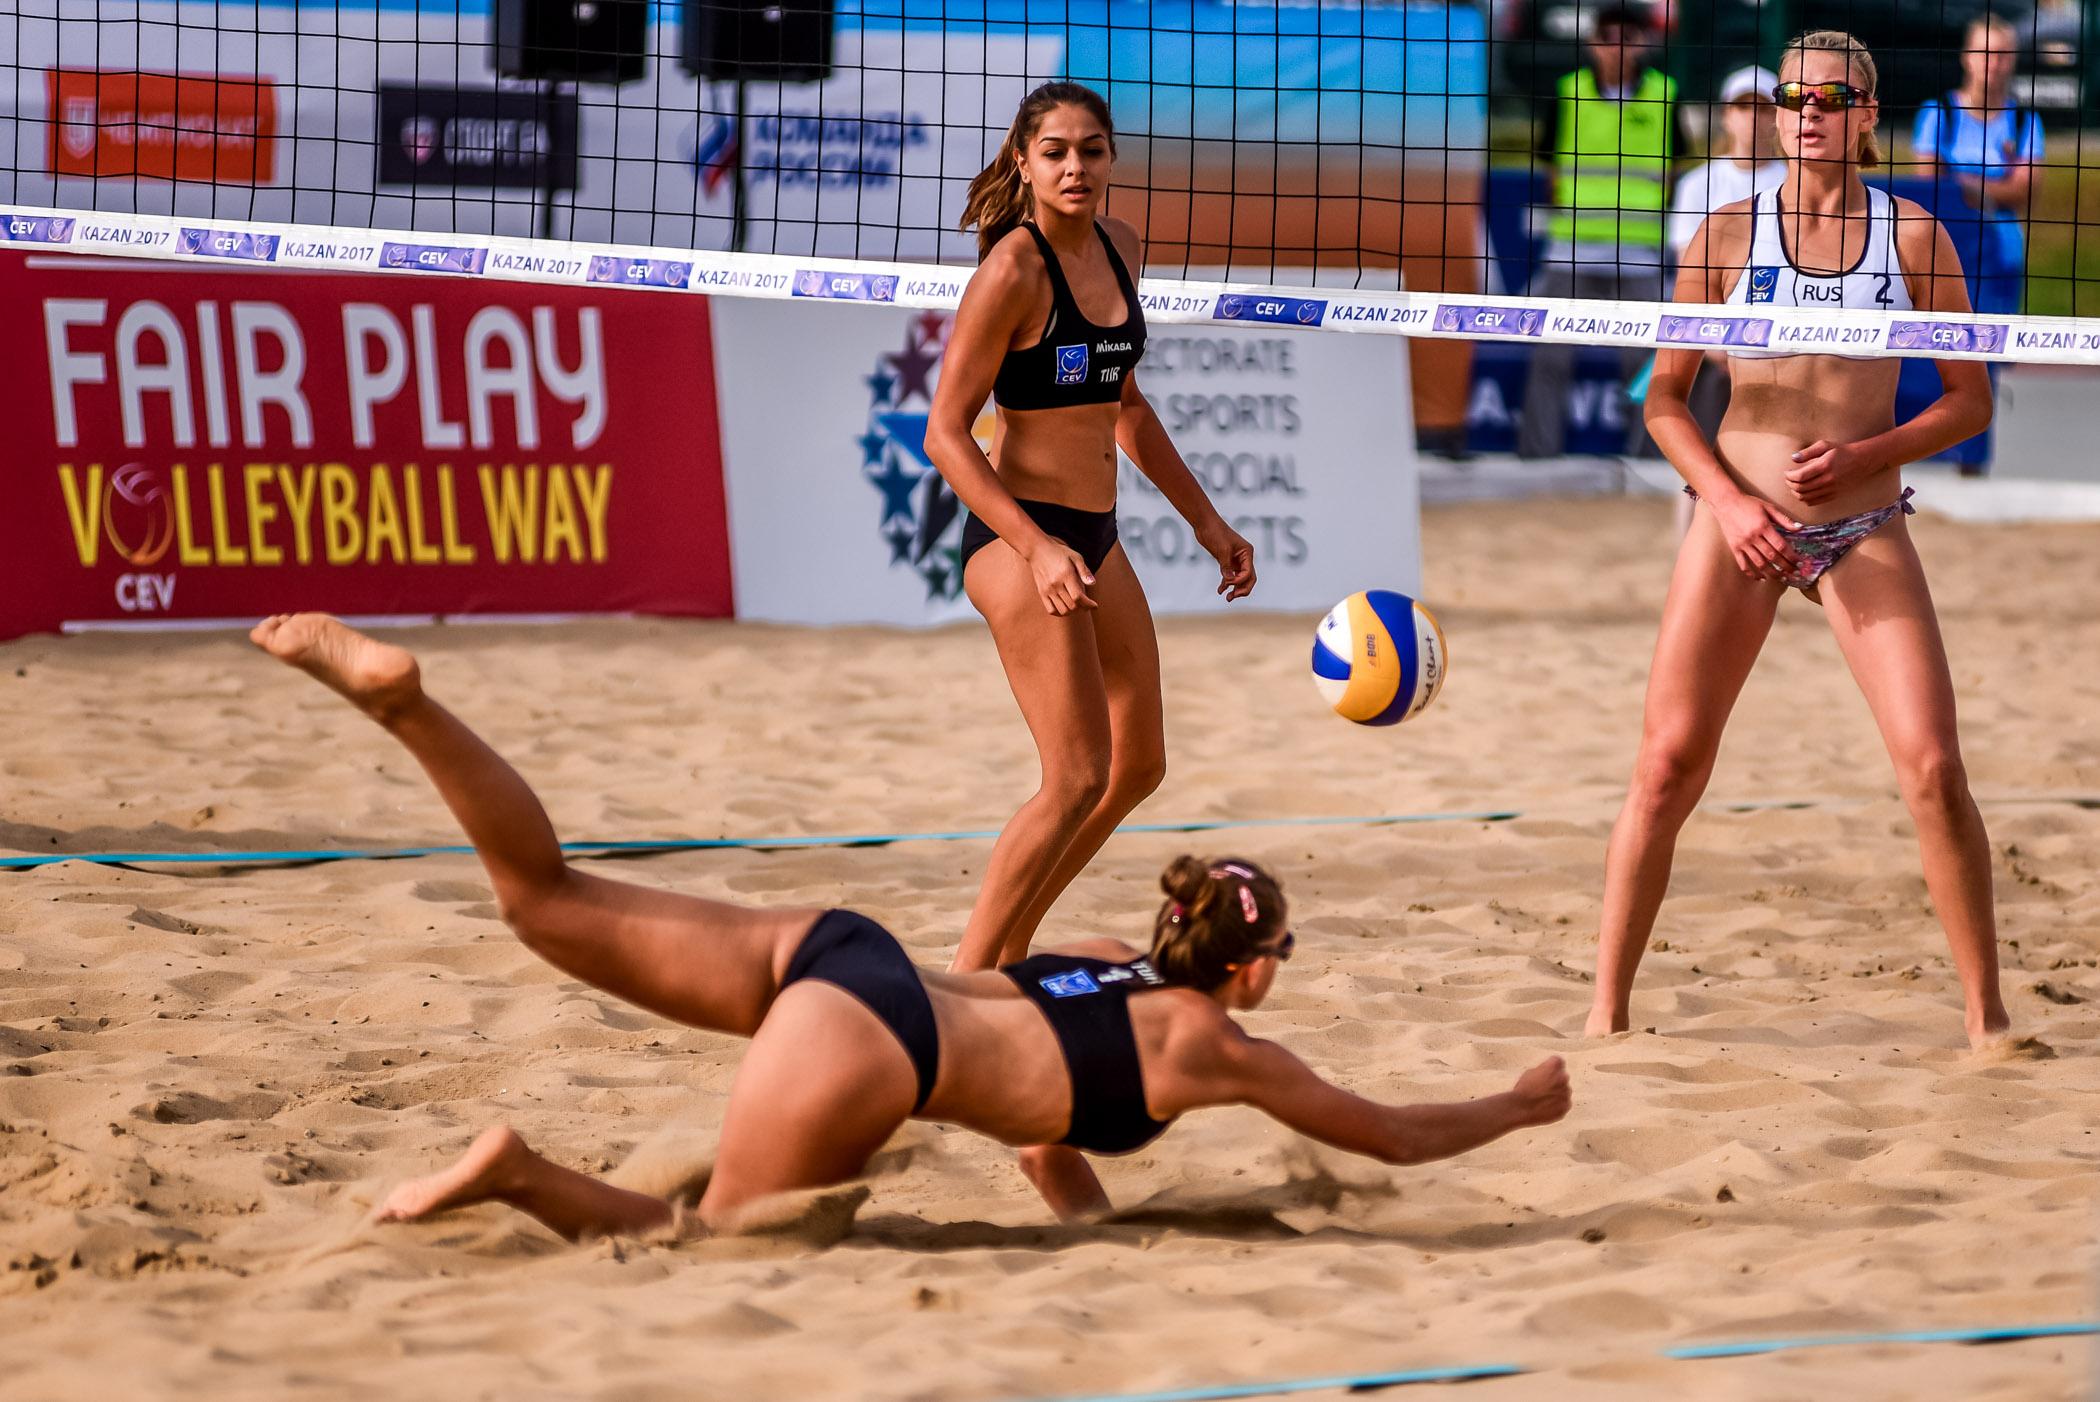 становится пляжные волейболистки россии фото сообщили